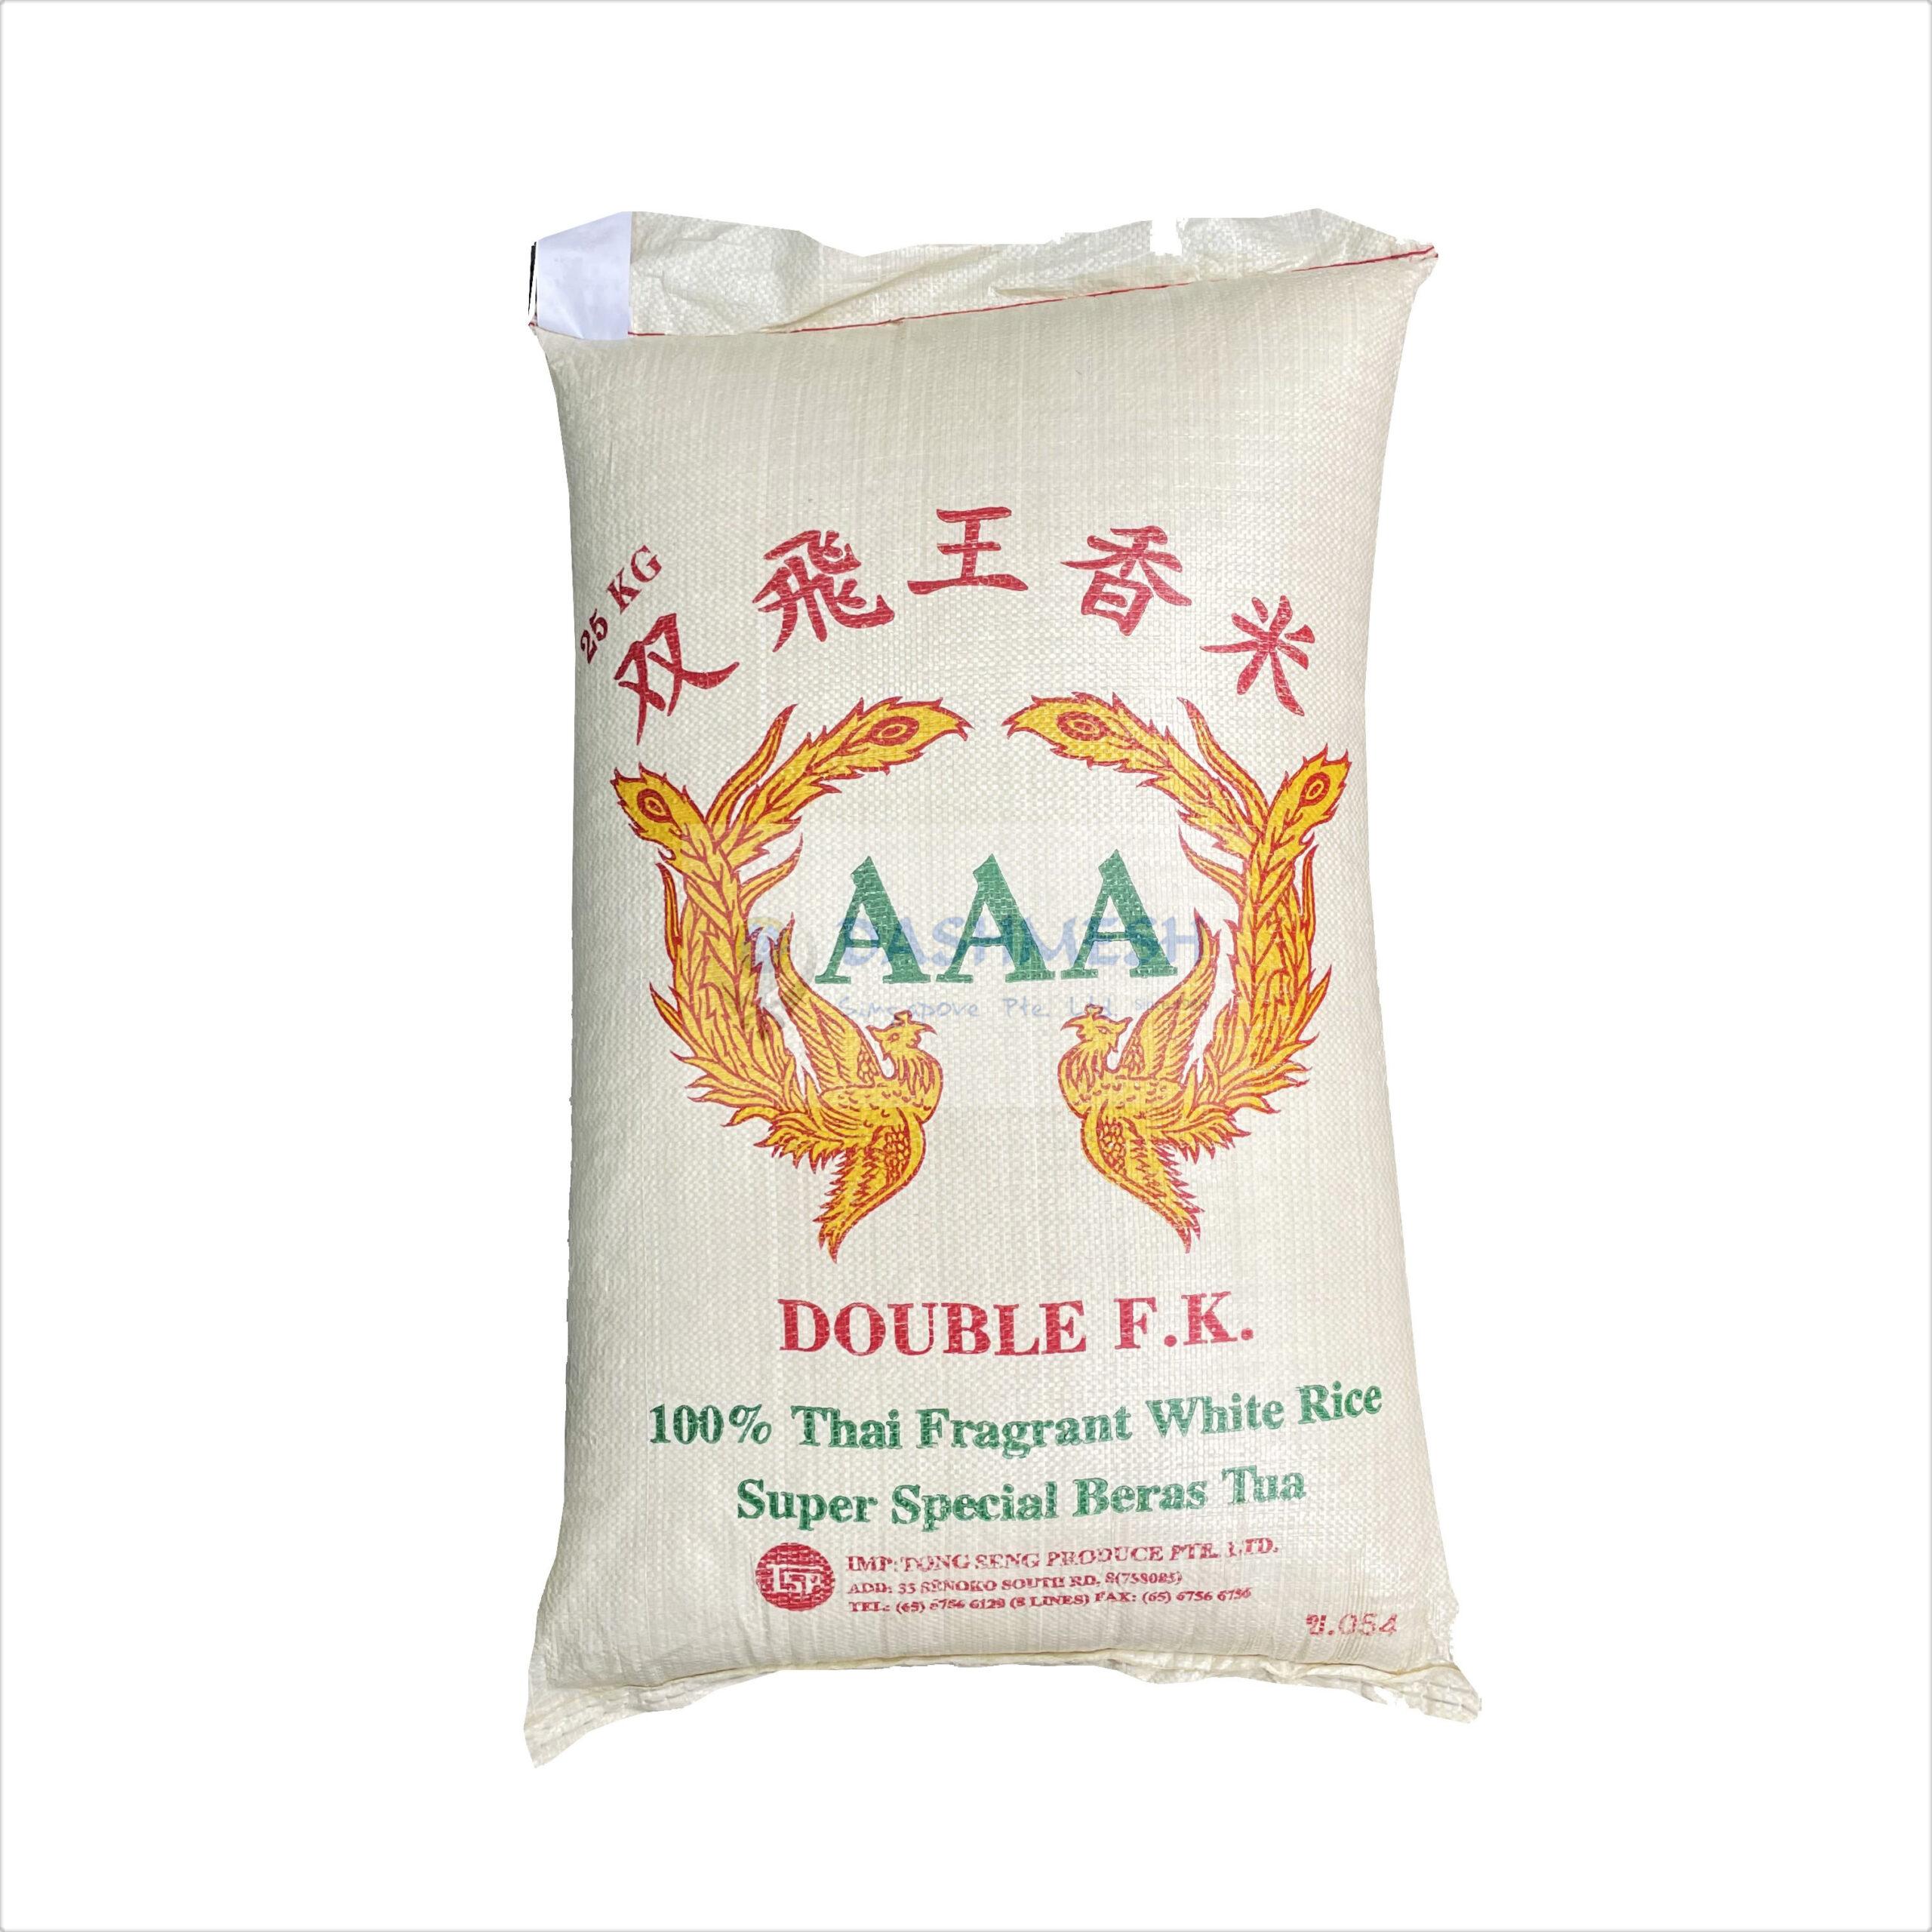 Double F.K AAA Thai Fragrant White Rice 25Kg Bag